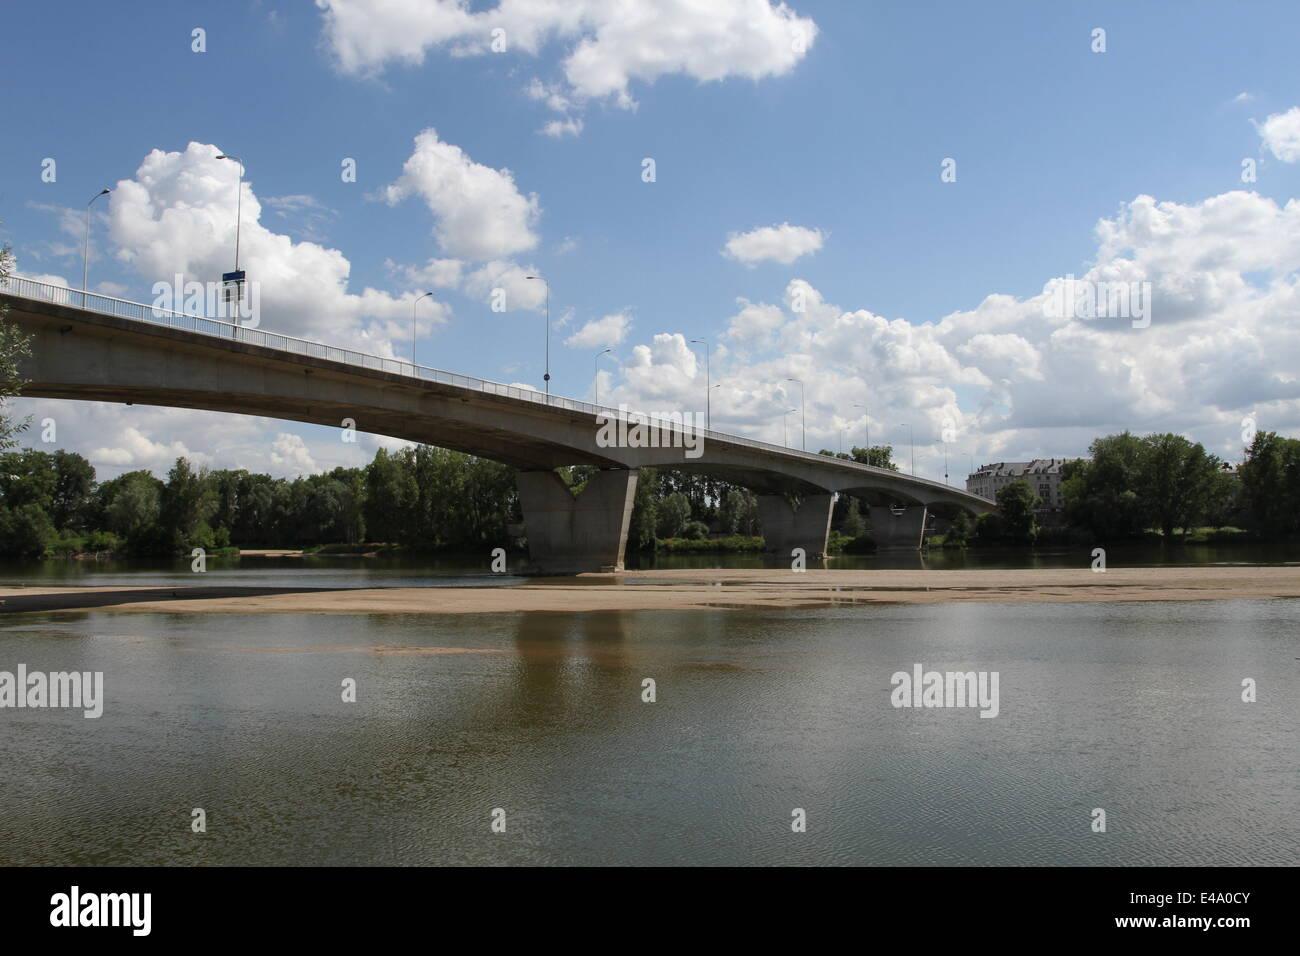 Pont Mirabeau bridge across River Loire Tours France July 2014 - Stock Image